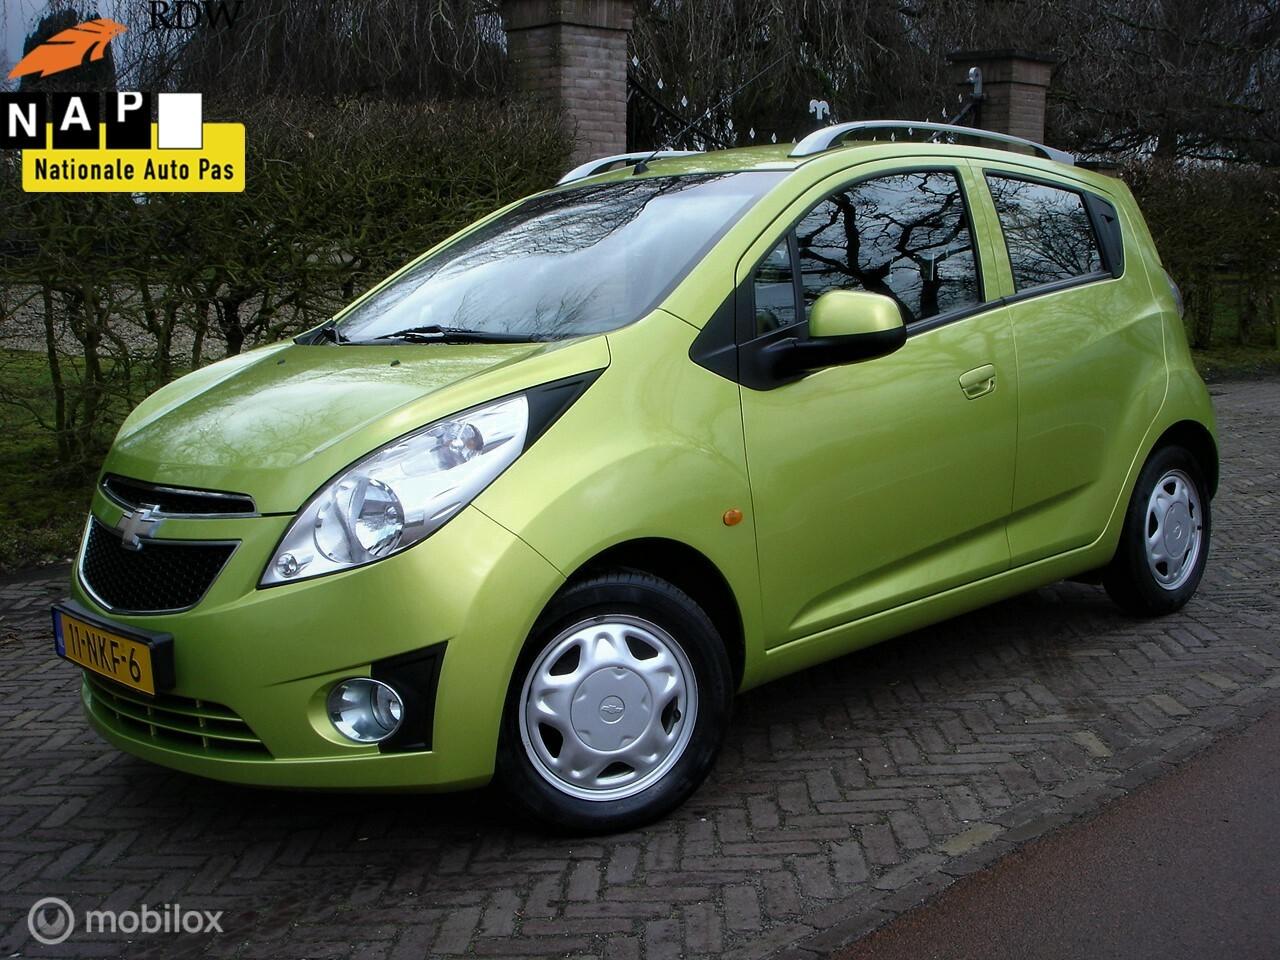 Chevrolet Spark 1.0 16V LE (Bj 2010) 77.835 KM/1ste Eigenaar